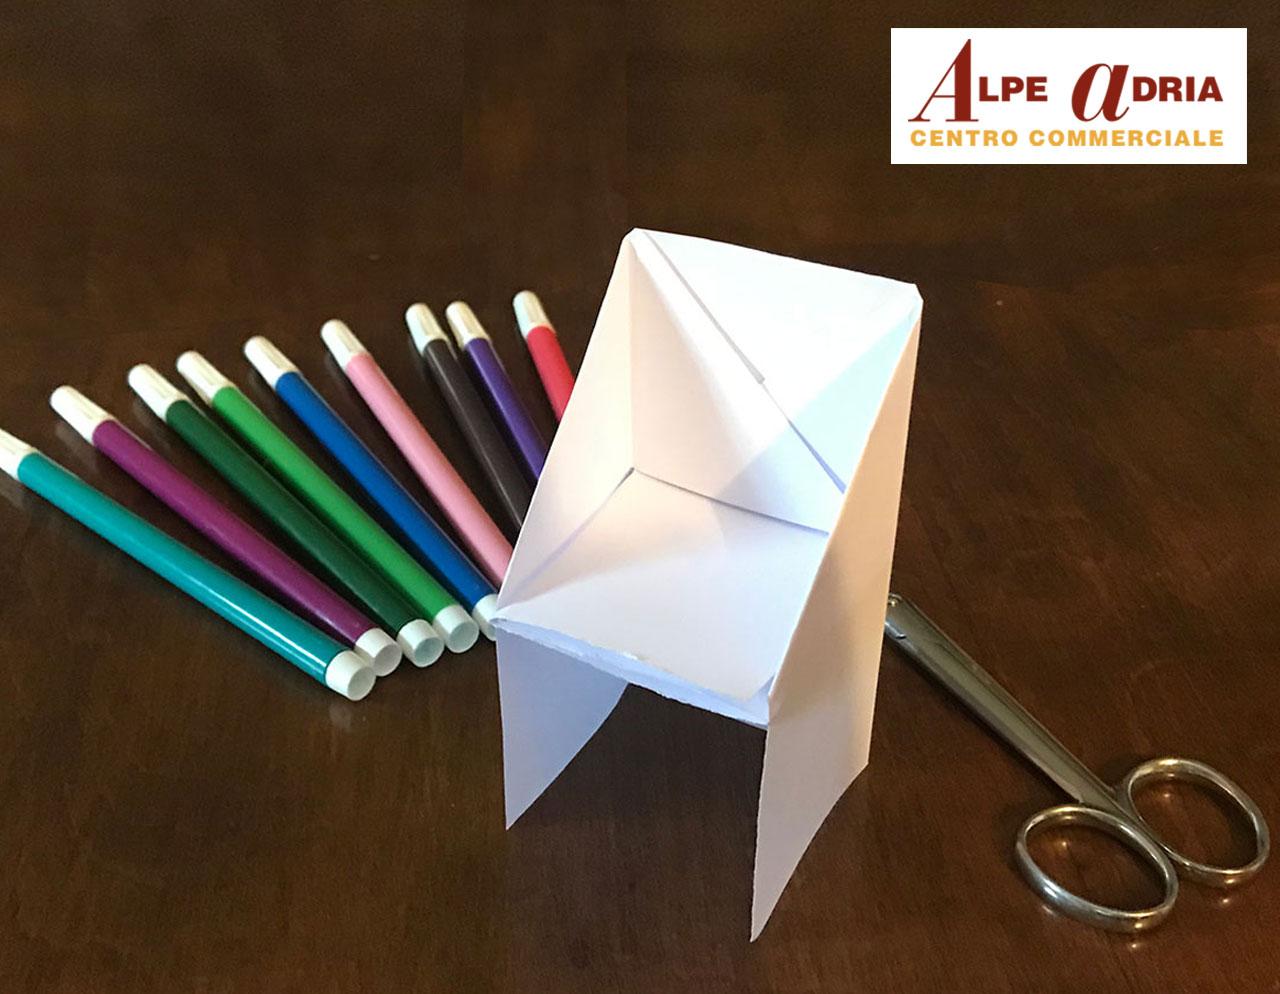 Gioca con noi - La poltroncina di carta! - Centro Commerciale Alpe Adria